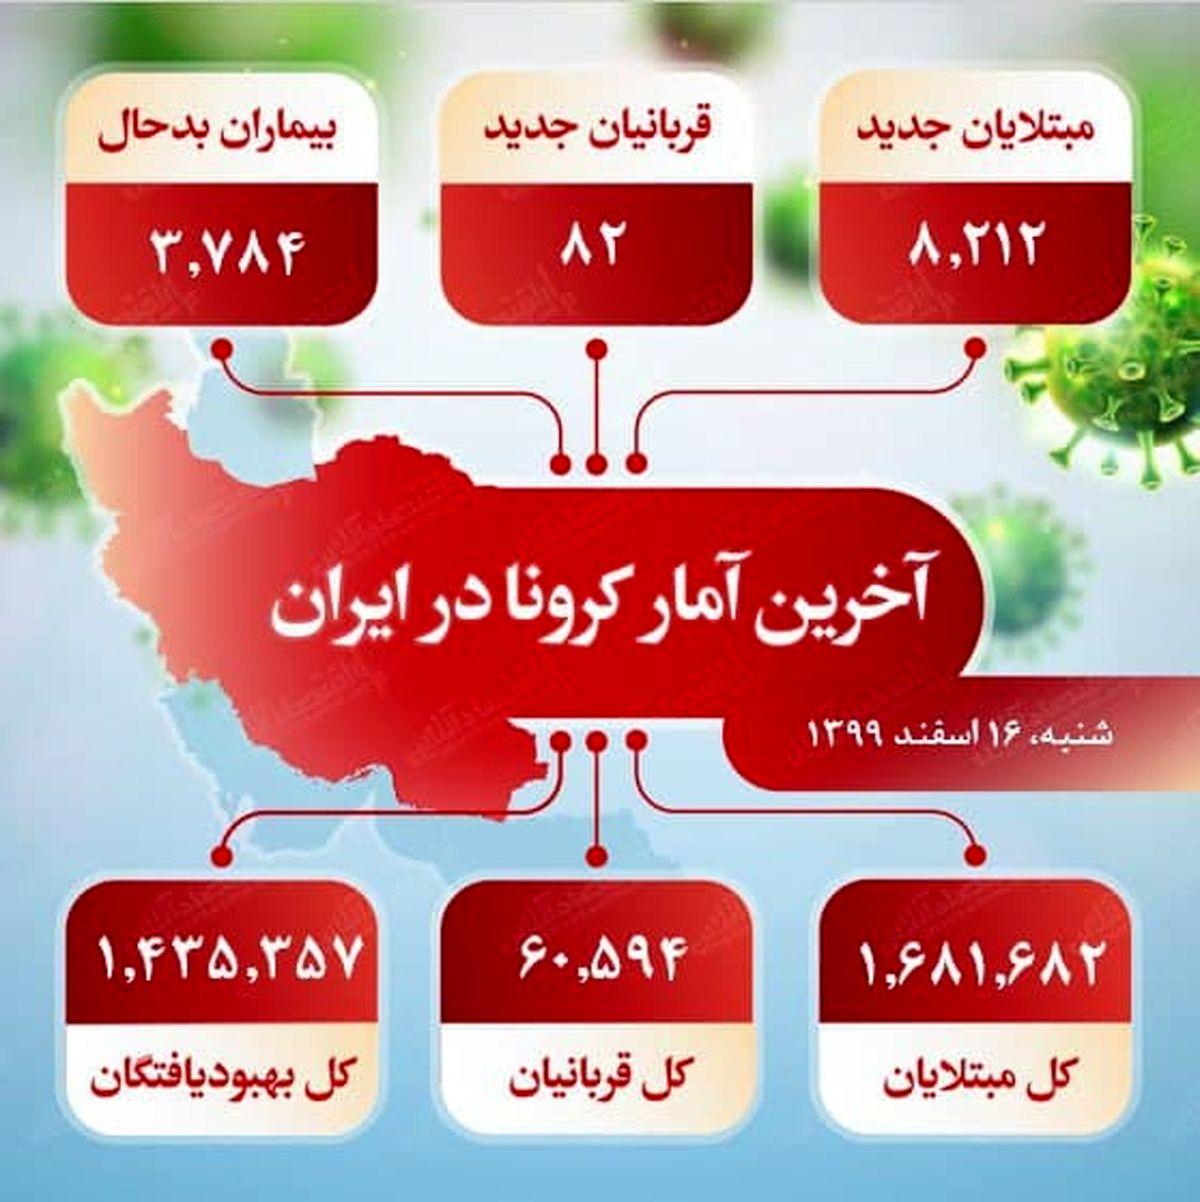 آخرین آمار کرونا در ایران (۹۹/۱۲/۱۶)